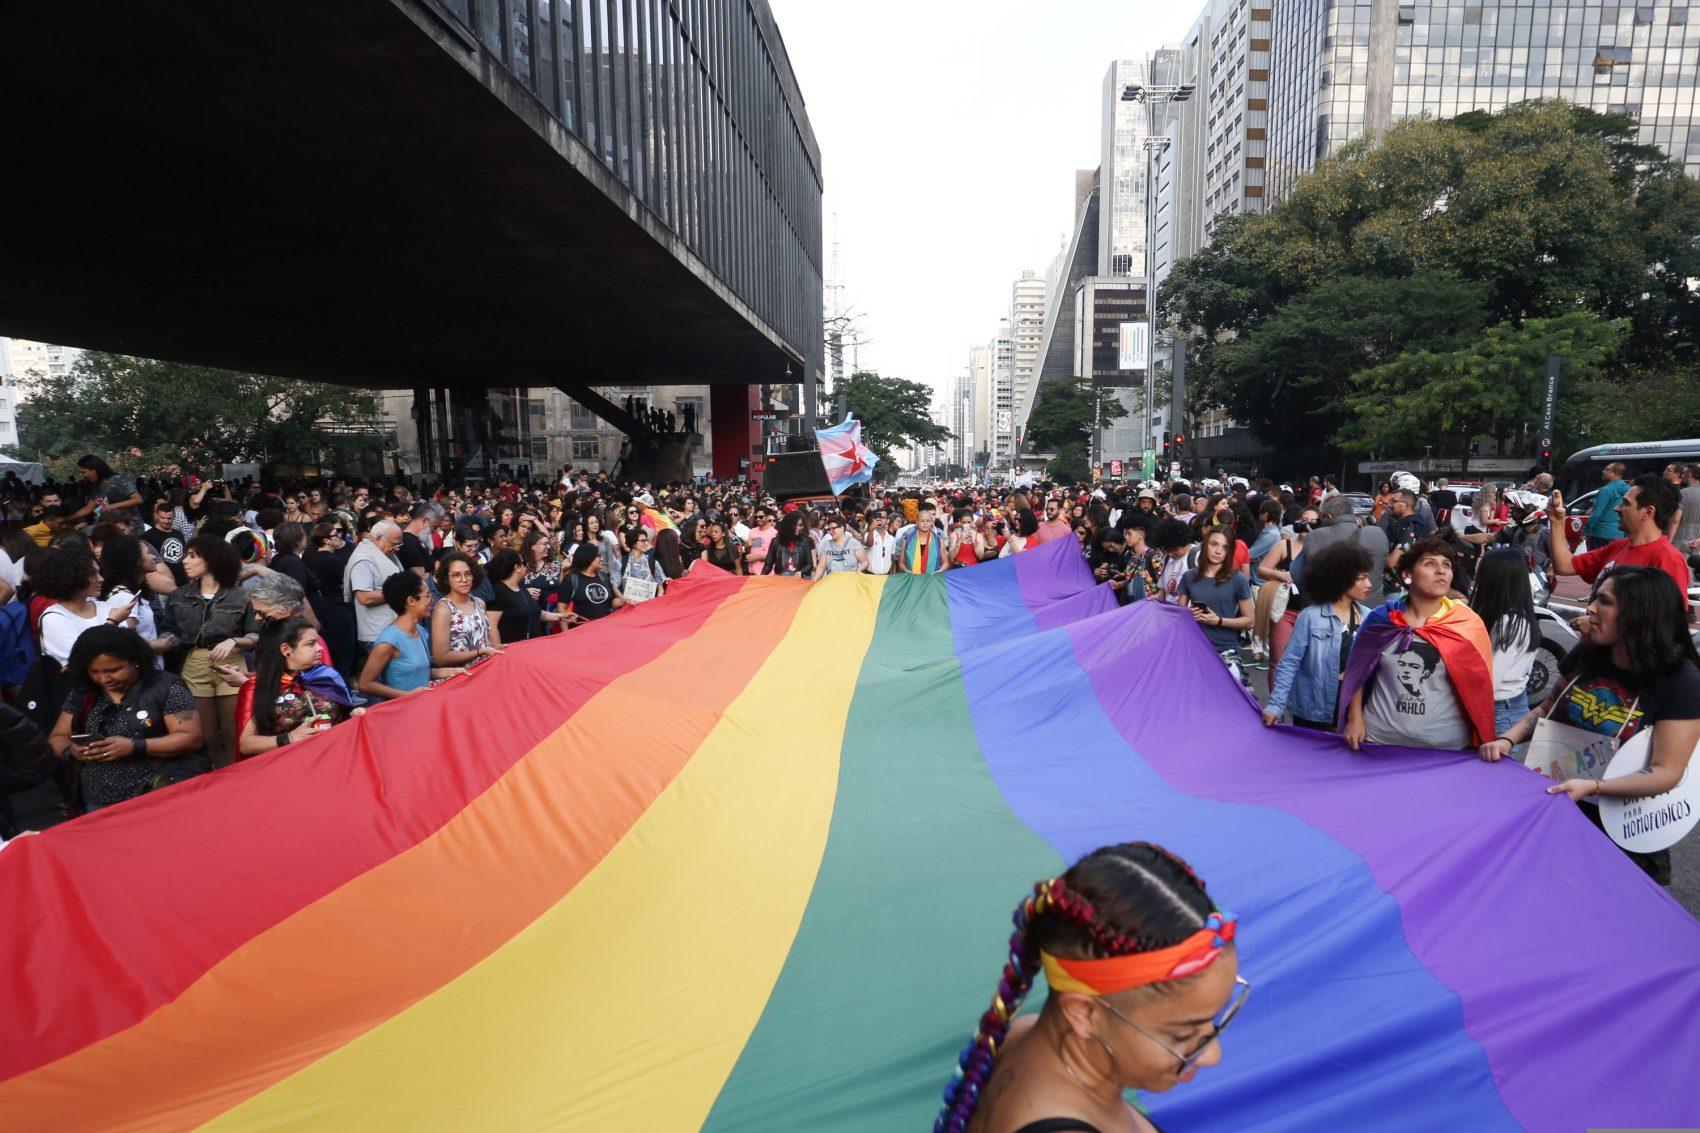 Parada do Orgulho Gay em São Paulo: CEBDS lança Guia de CEOs para os direitos humanos com alertas sobre inclusão e diversidade (Foto: Fabio Vieira/FotoRua/NurPhoto)